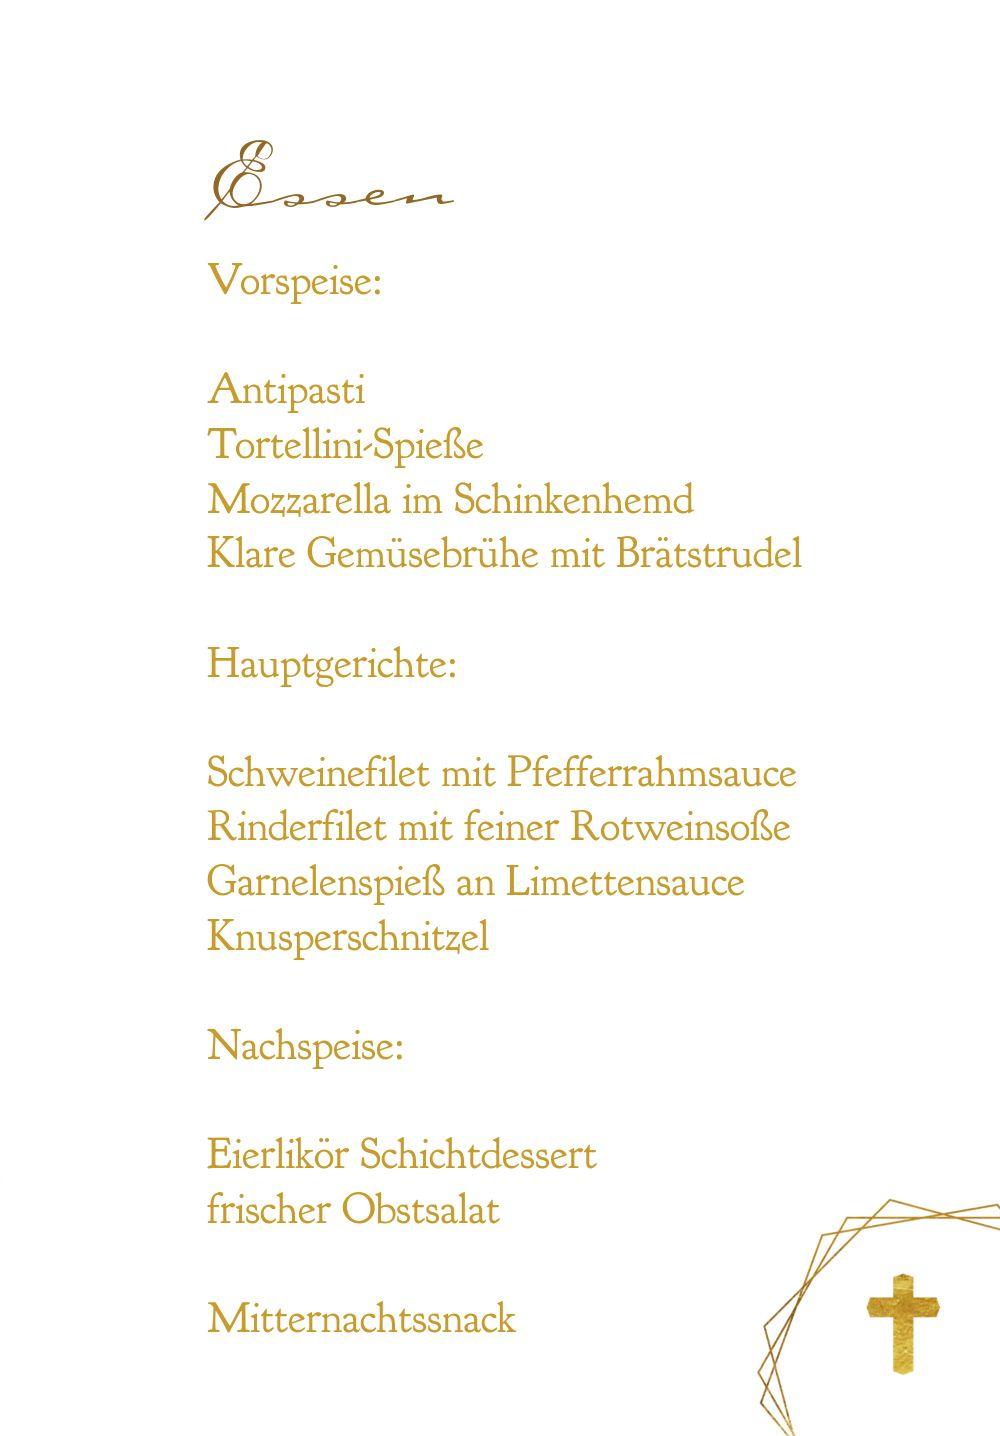 Ansicht 5 - Konfirmation Menükarte Goldrausch